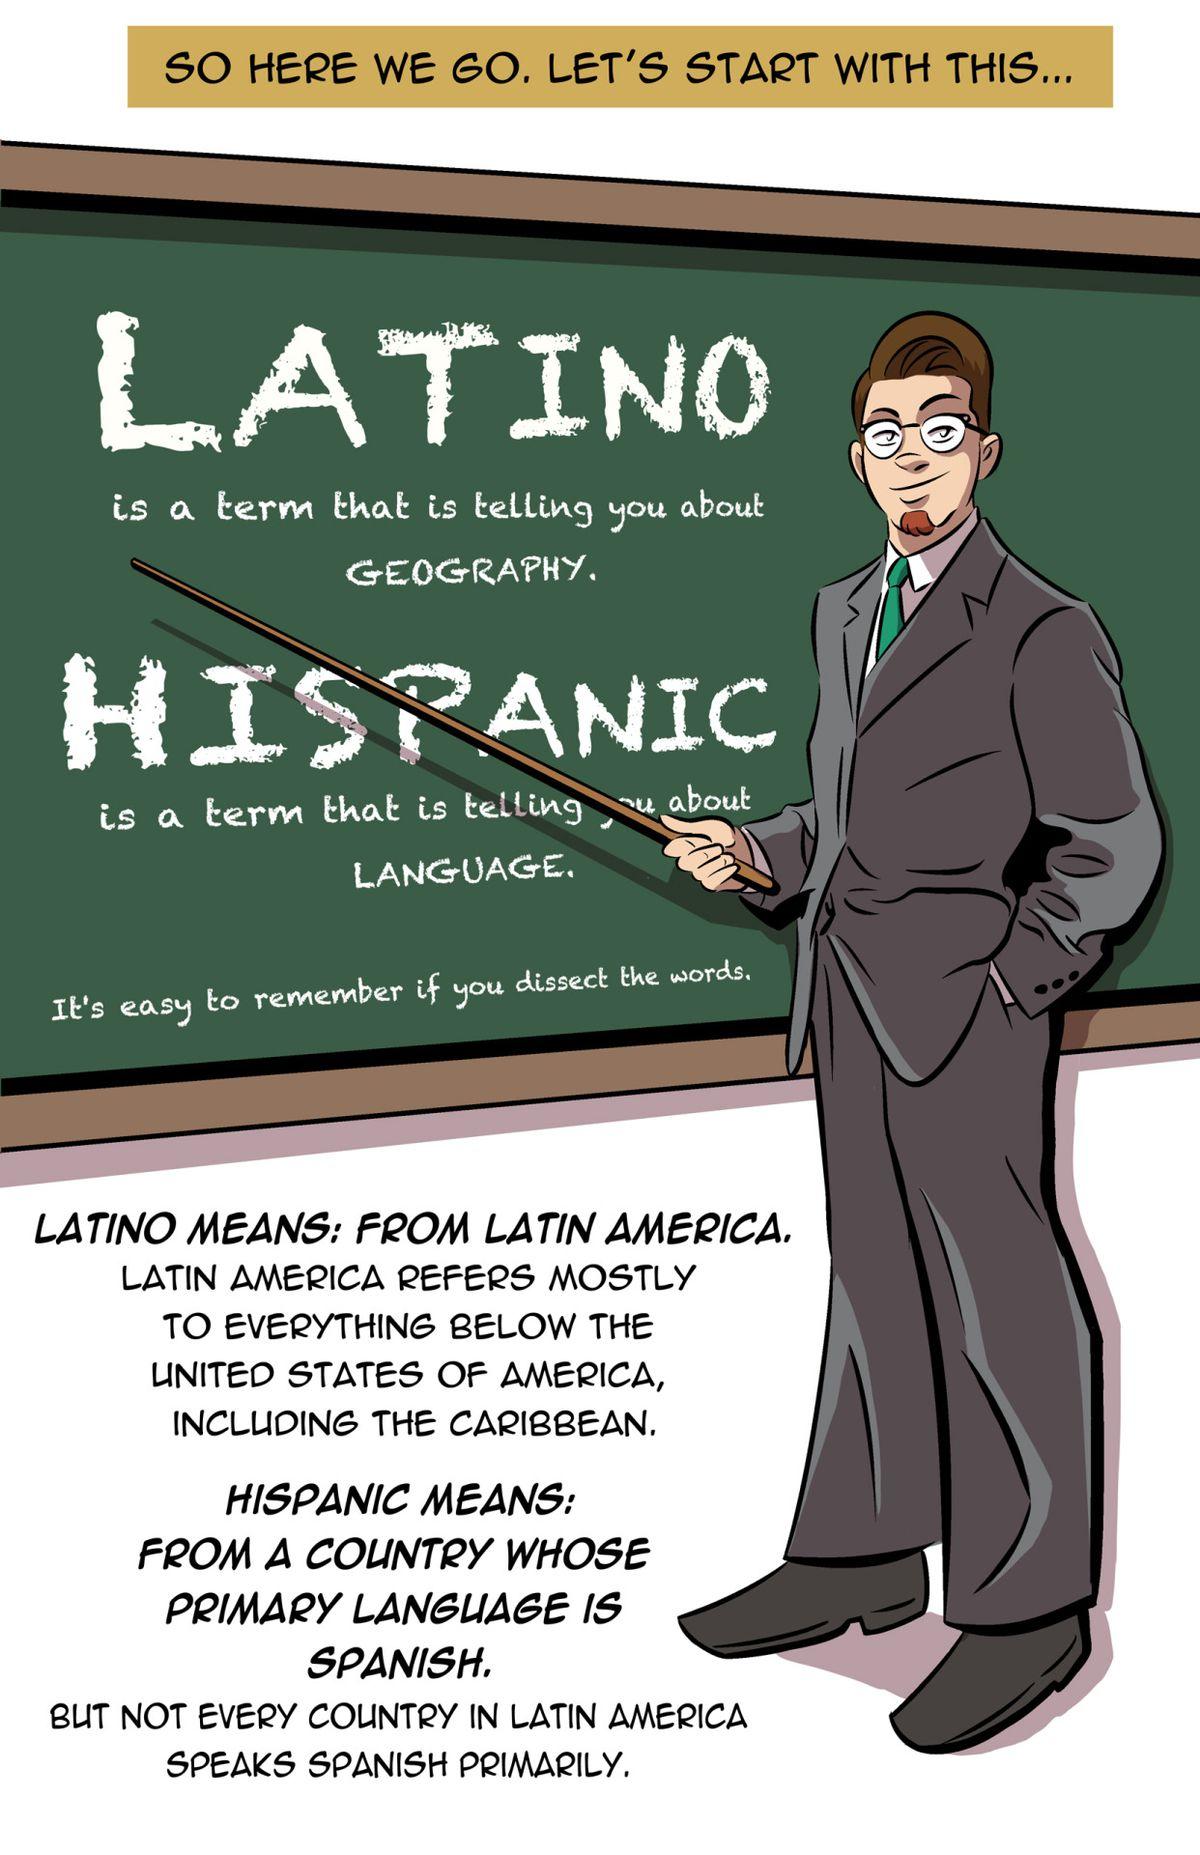 Language among hispanics and latins sorry